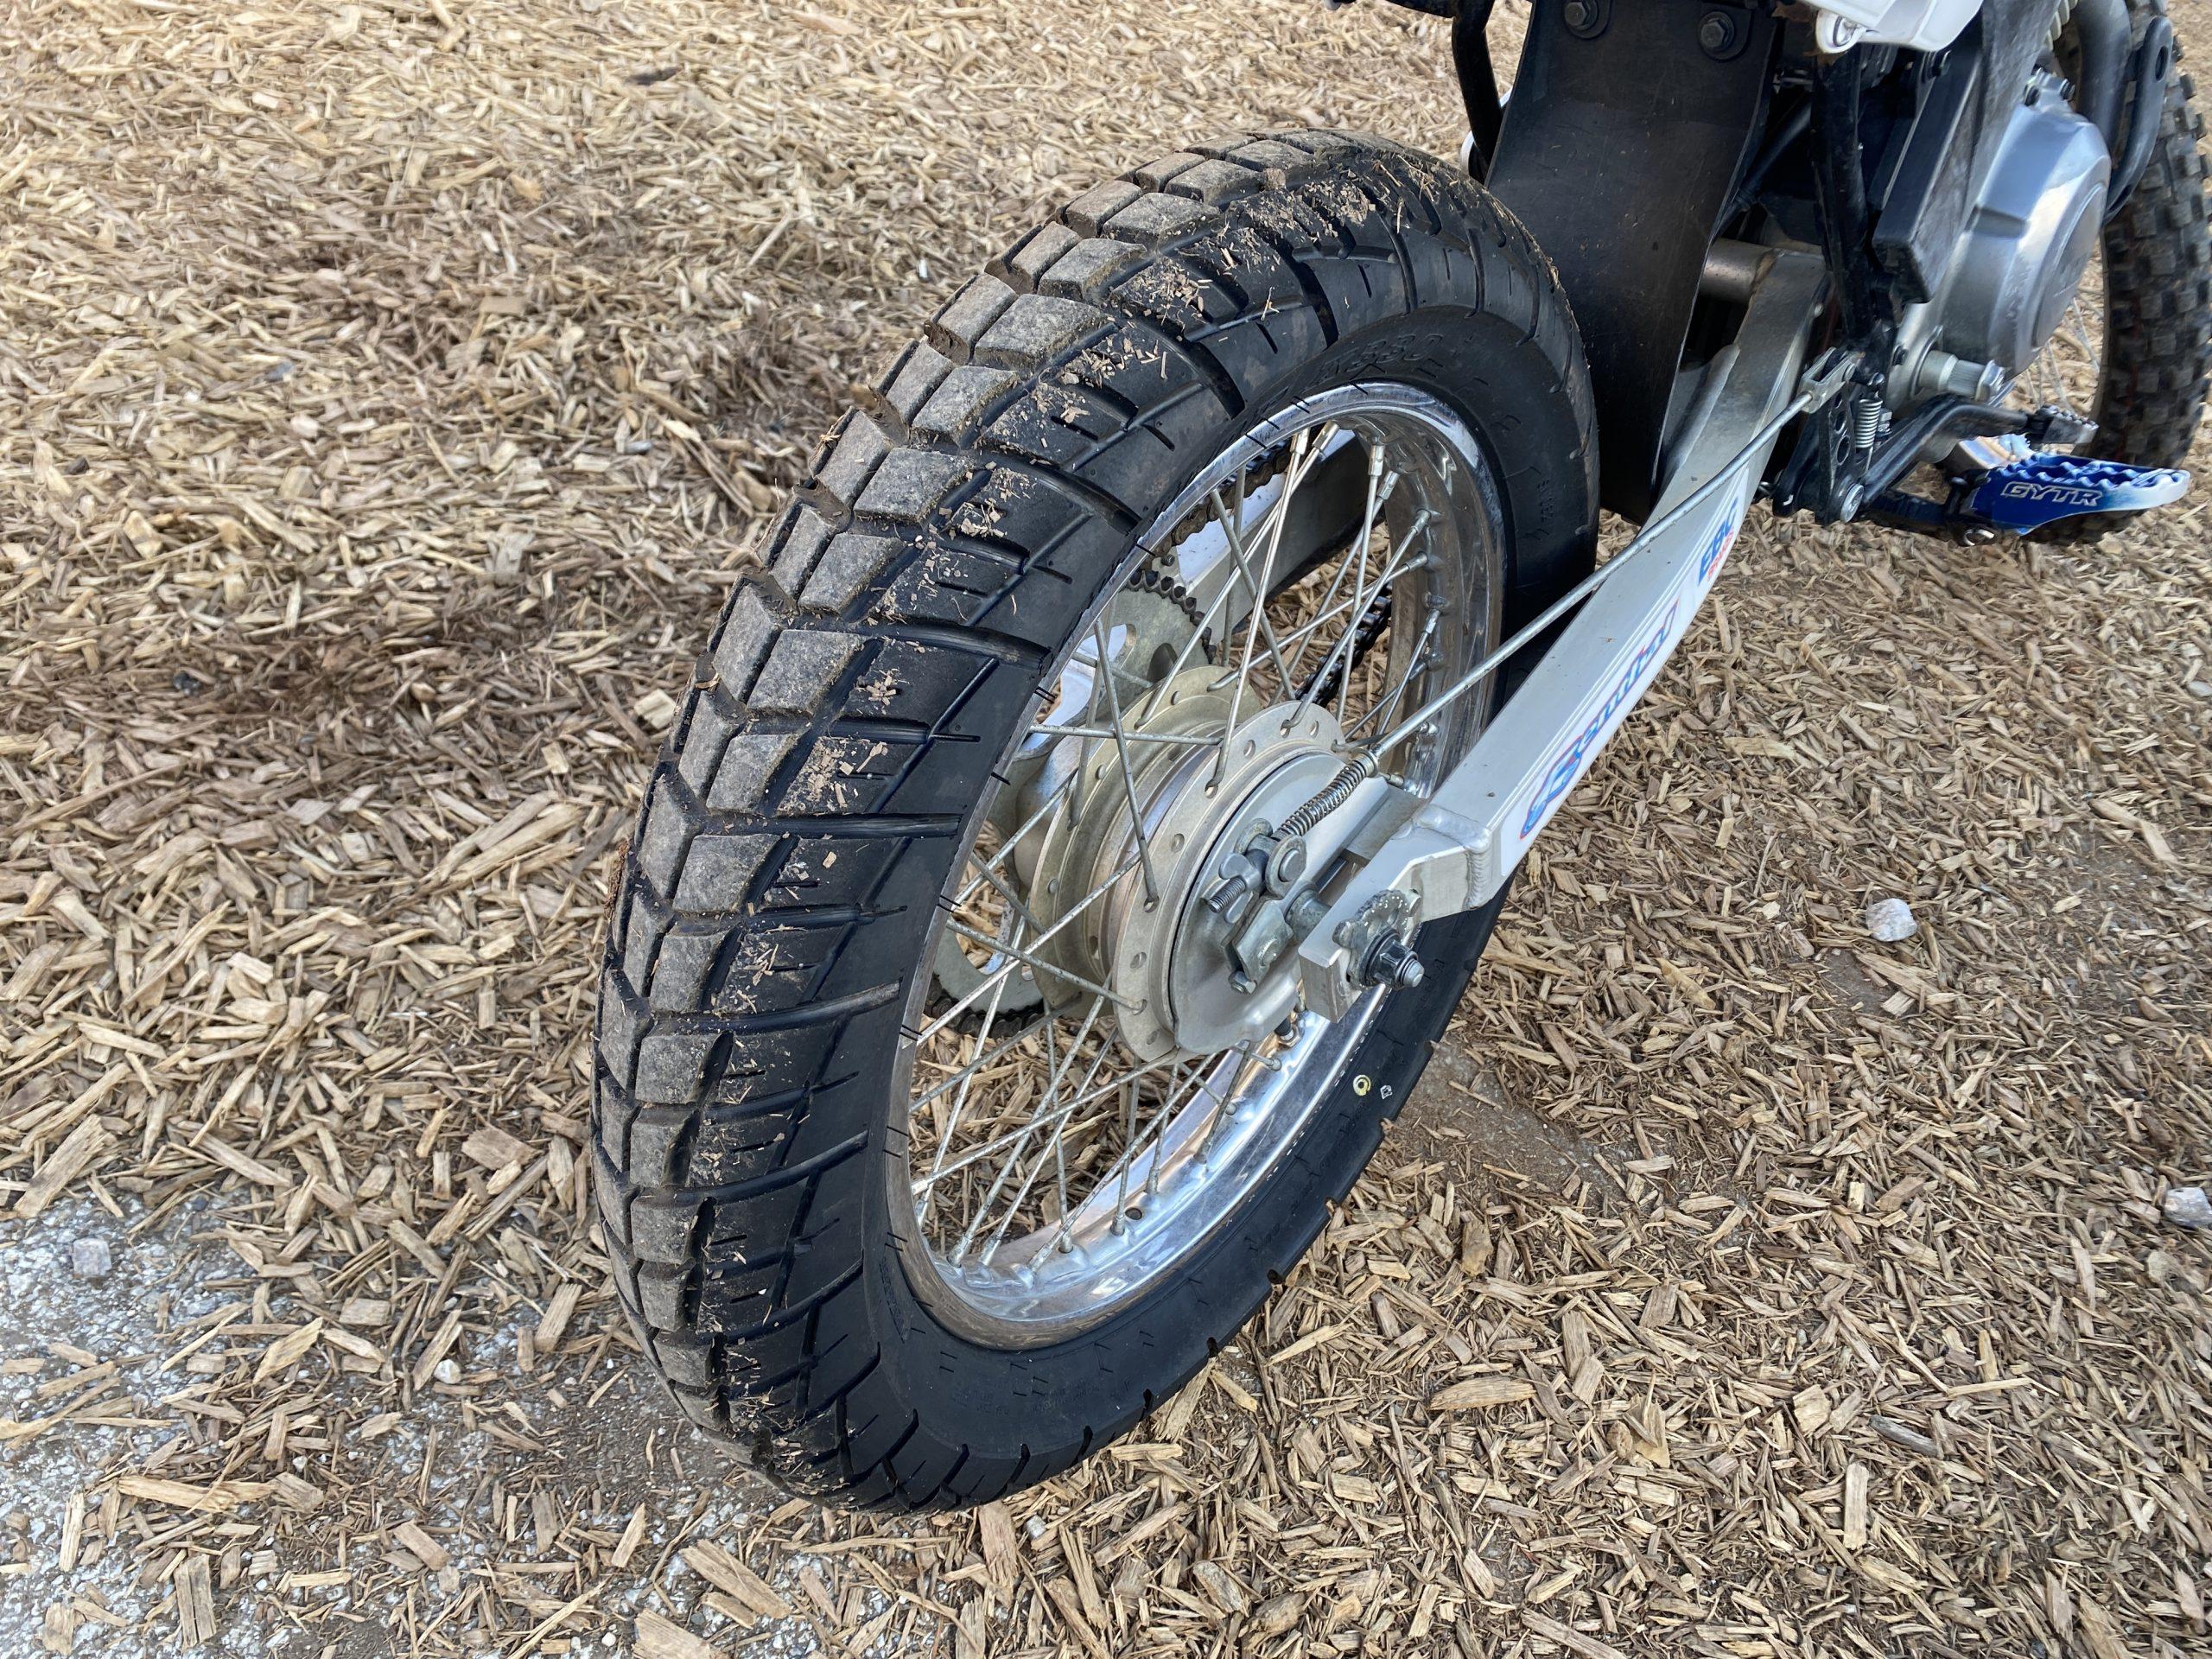 Yamaha TTR125 Dunlop rear tire